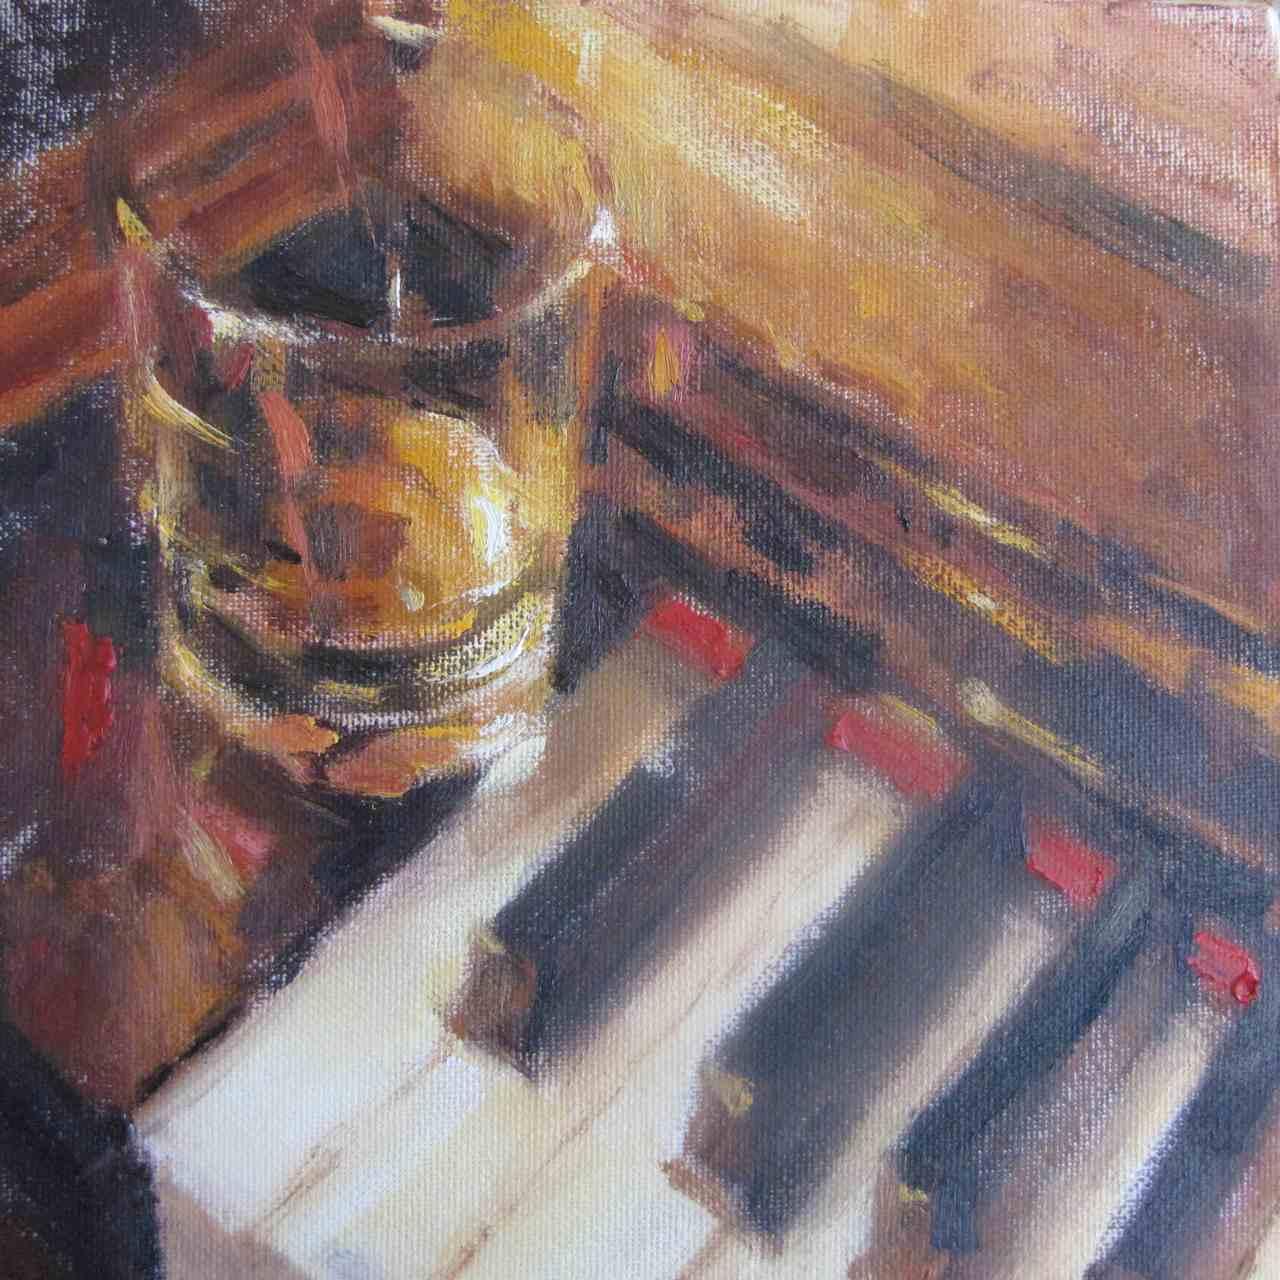 Pianoforte di Ernest Hemingway, 2011, olio su tela, cm 20x20